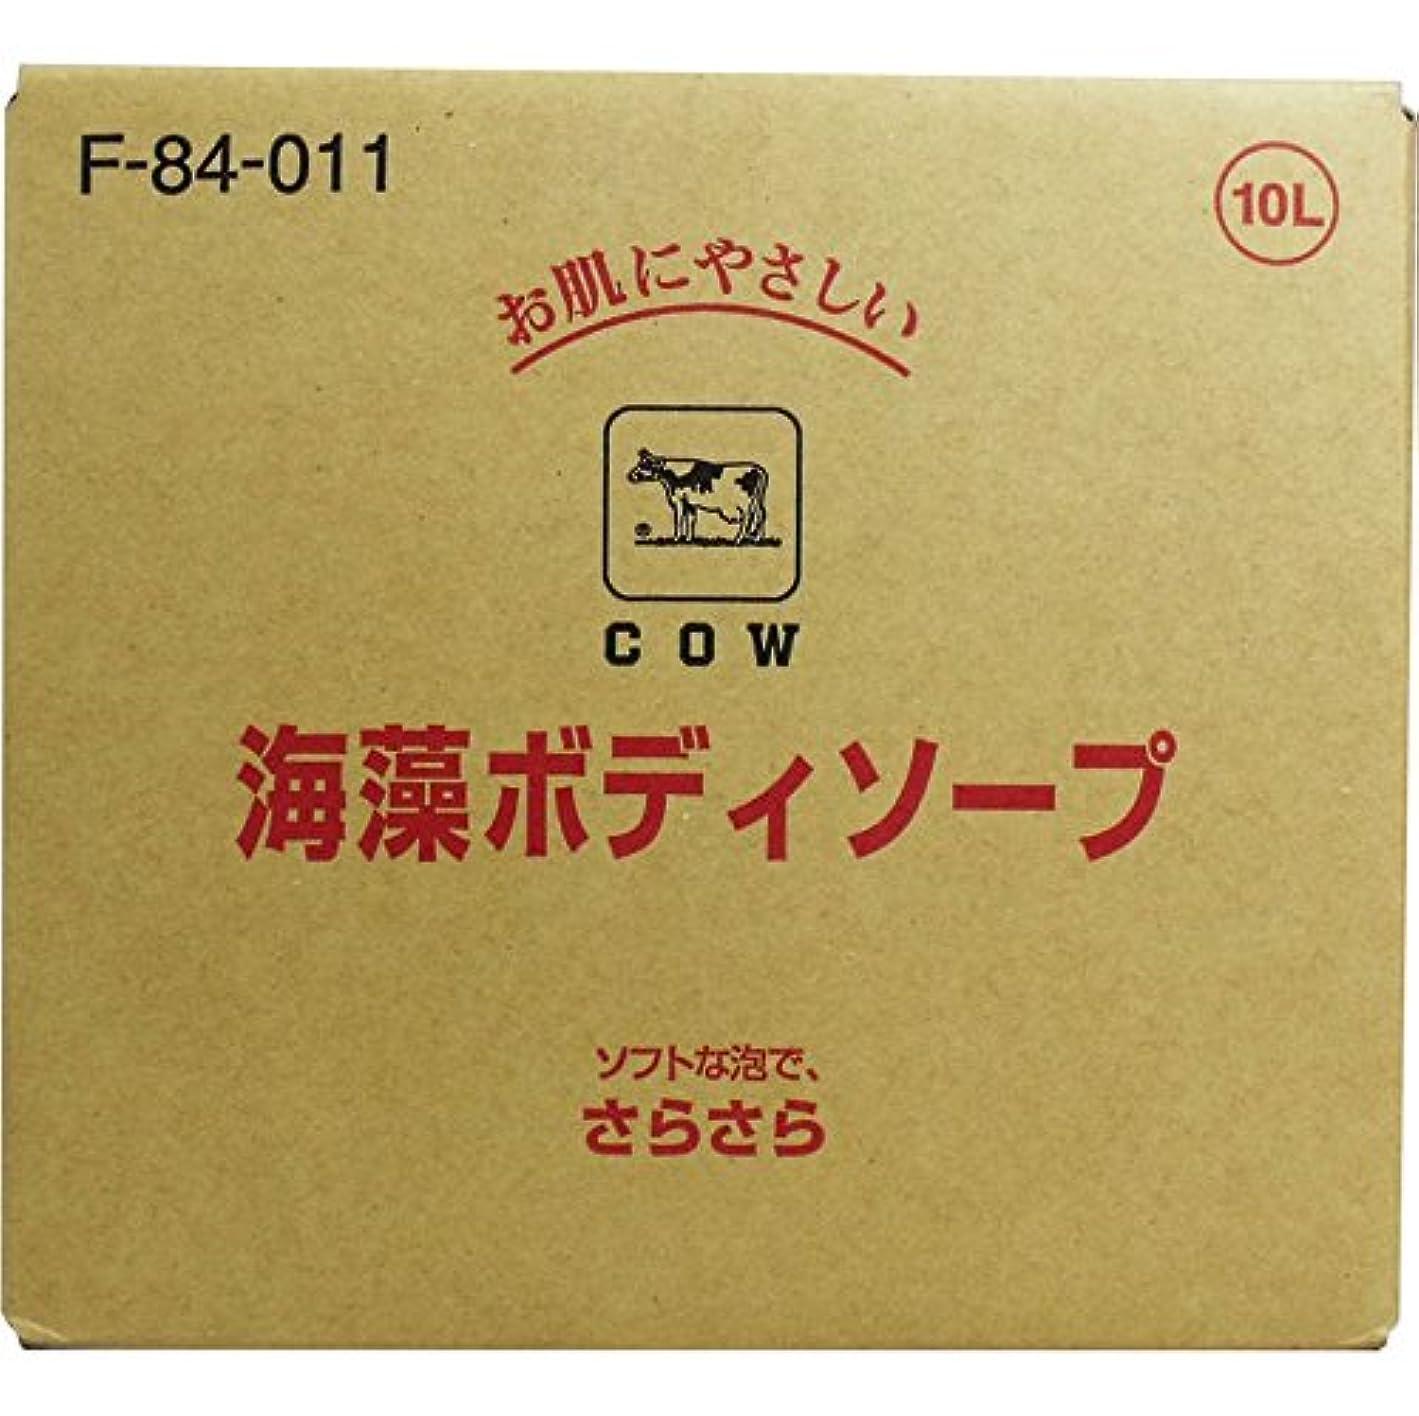 皮たとえボディ 石けん詰め替え さらさらした洗い心地 便利商品 牛乳ブランド 海藻ボディソープ 業務用 10L